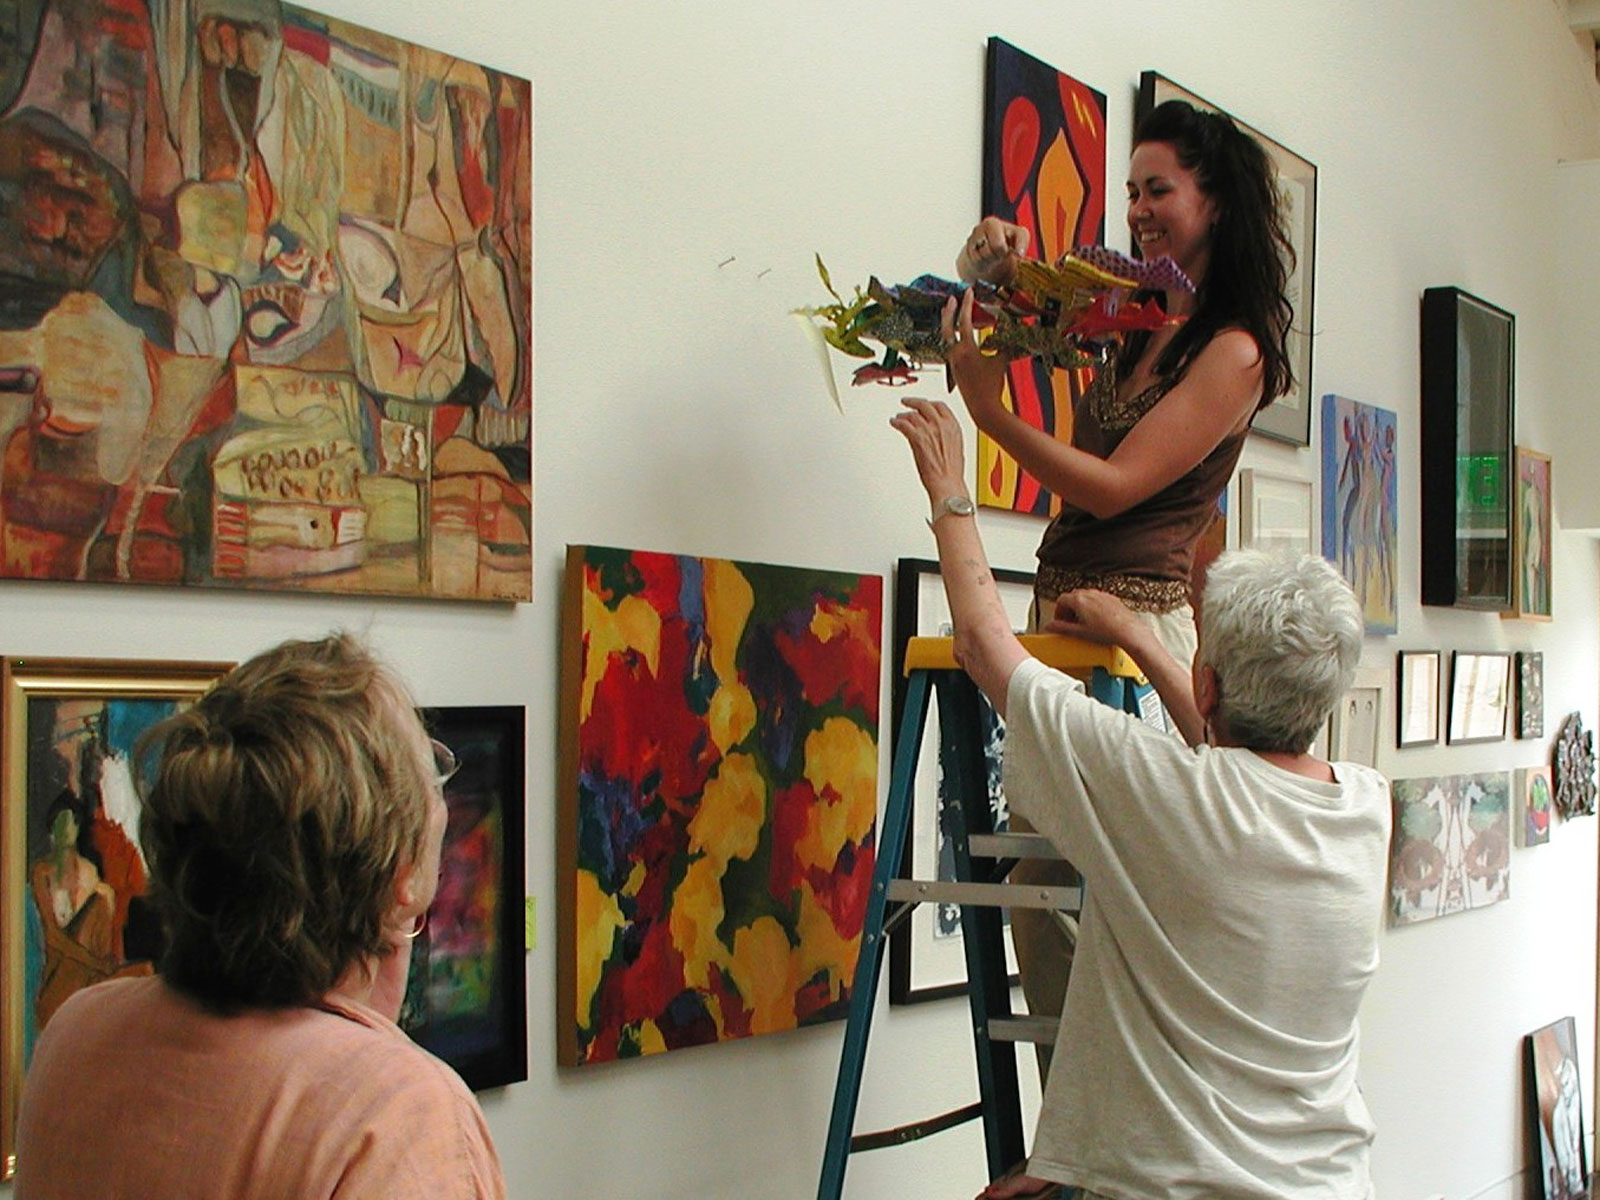 Volunteers in the gallery